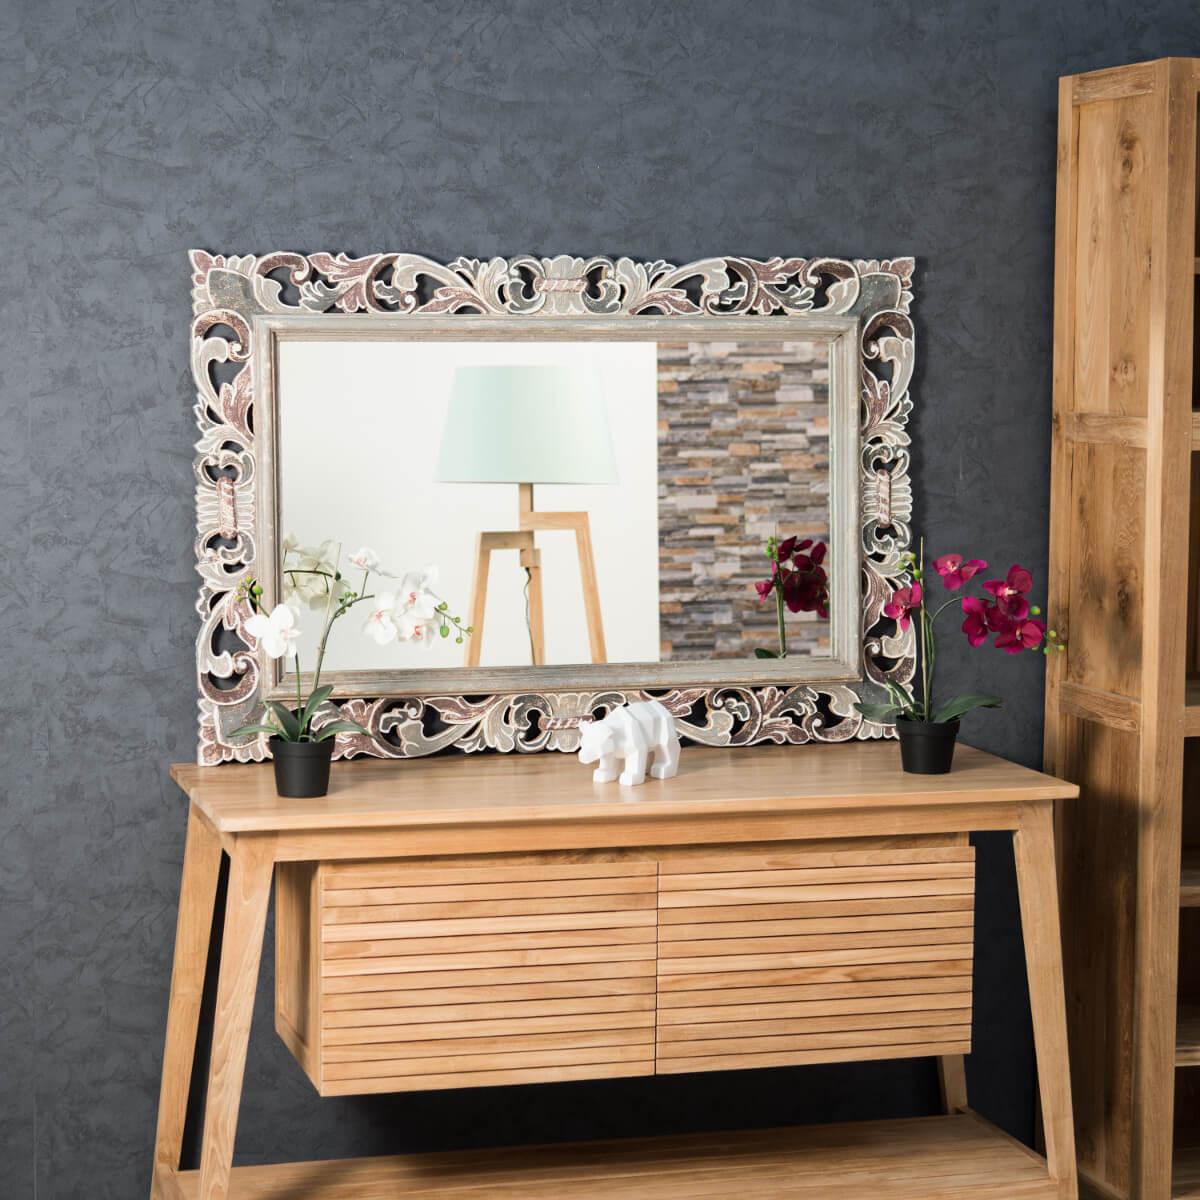 Miroir charme en bois patin gris et prune 120cm x 80cm for Miroir bois gris